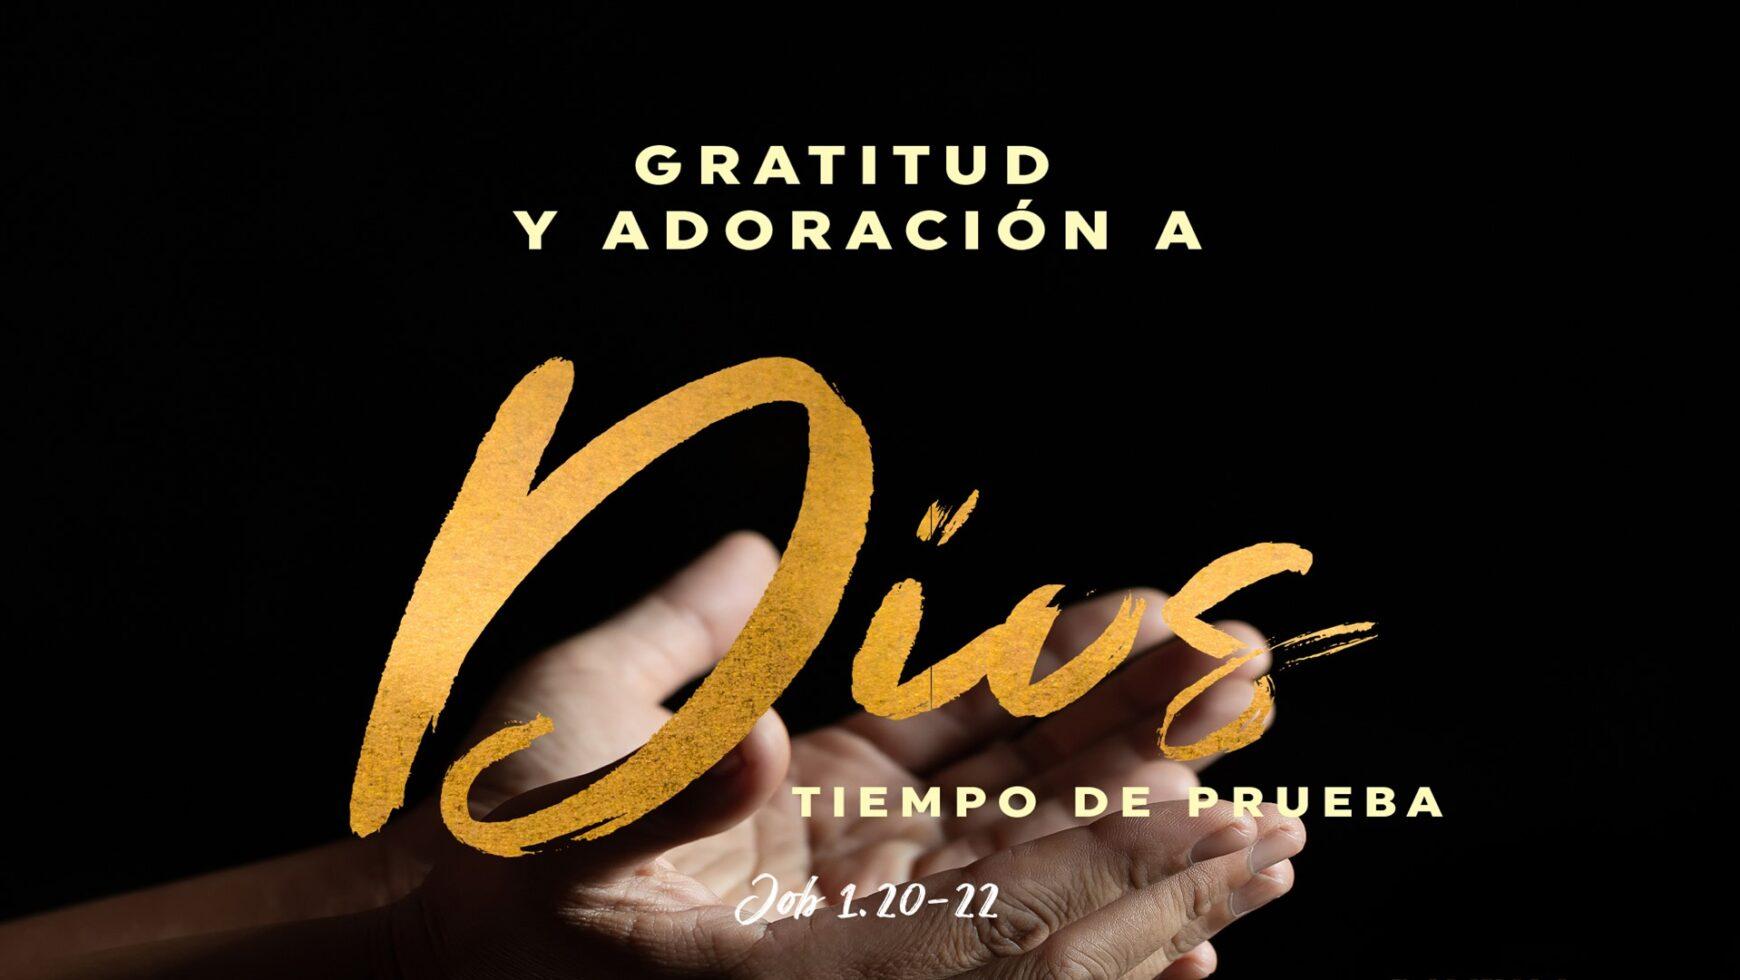 Gratitud y adoración a Dios en tiempos de prueba